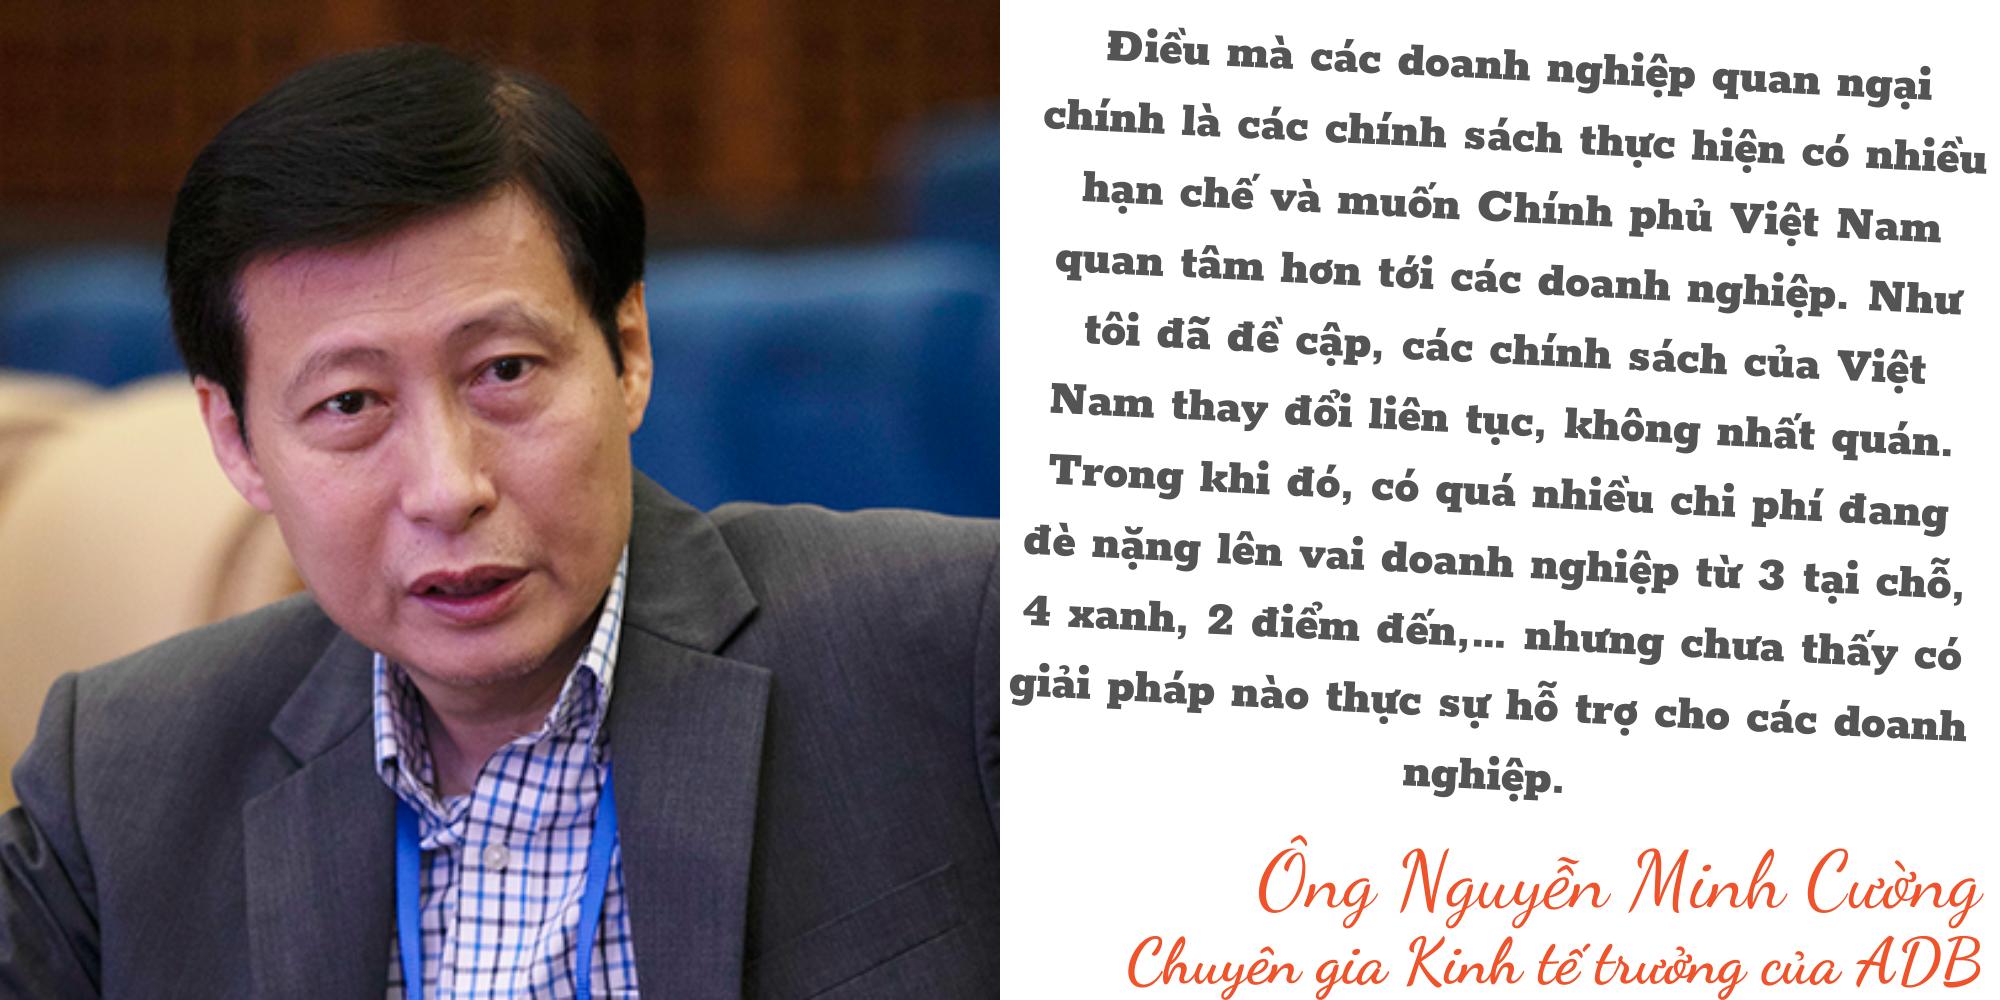 """Kinh tế trưởng ADB: Việt Nam đang bảo vệ """"túi tiền"""" ngân sách hơn là bảo toàn động lực tăng trưởng - Ảnh 13."""